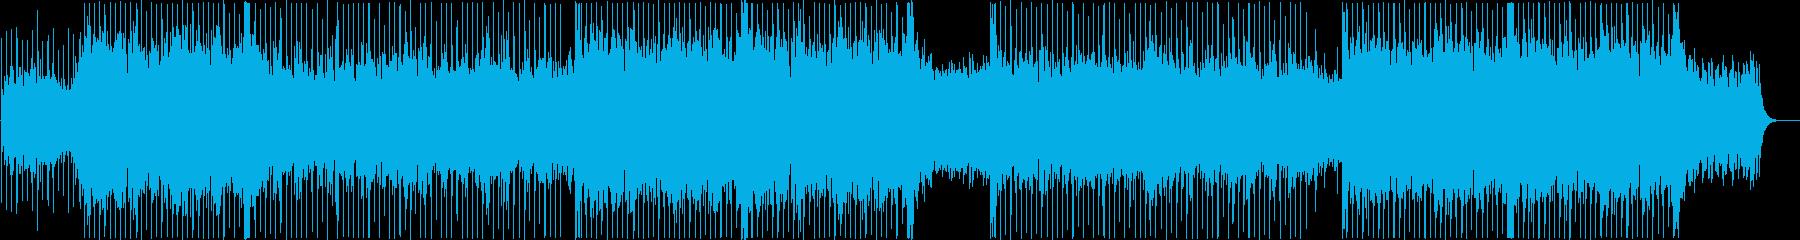 お祭り和風ロックの再生済みの波形